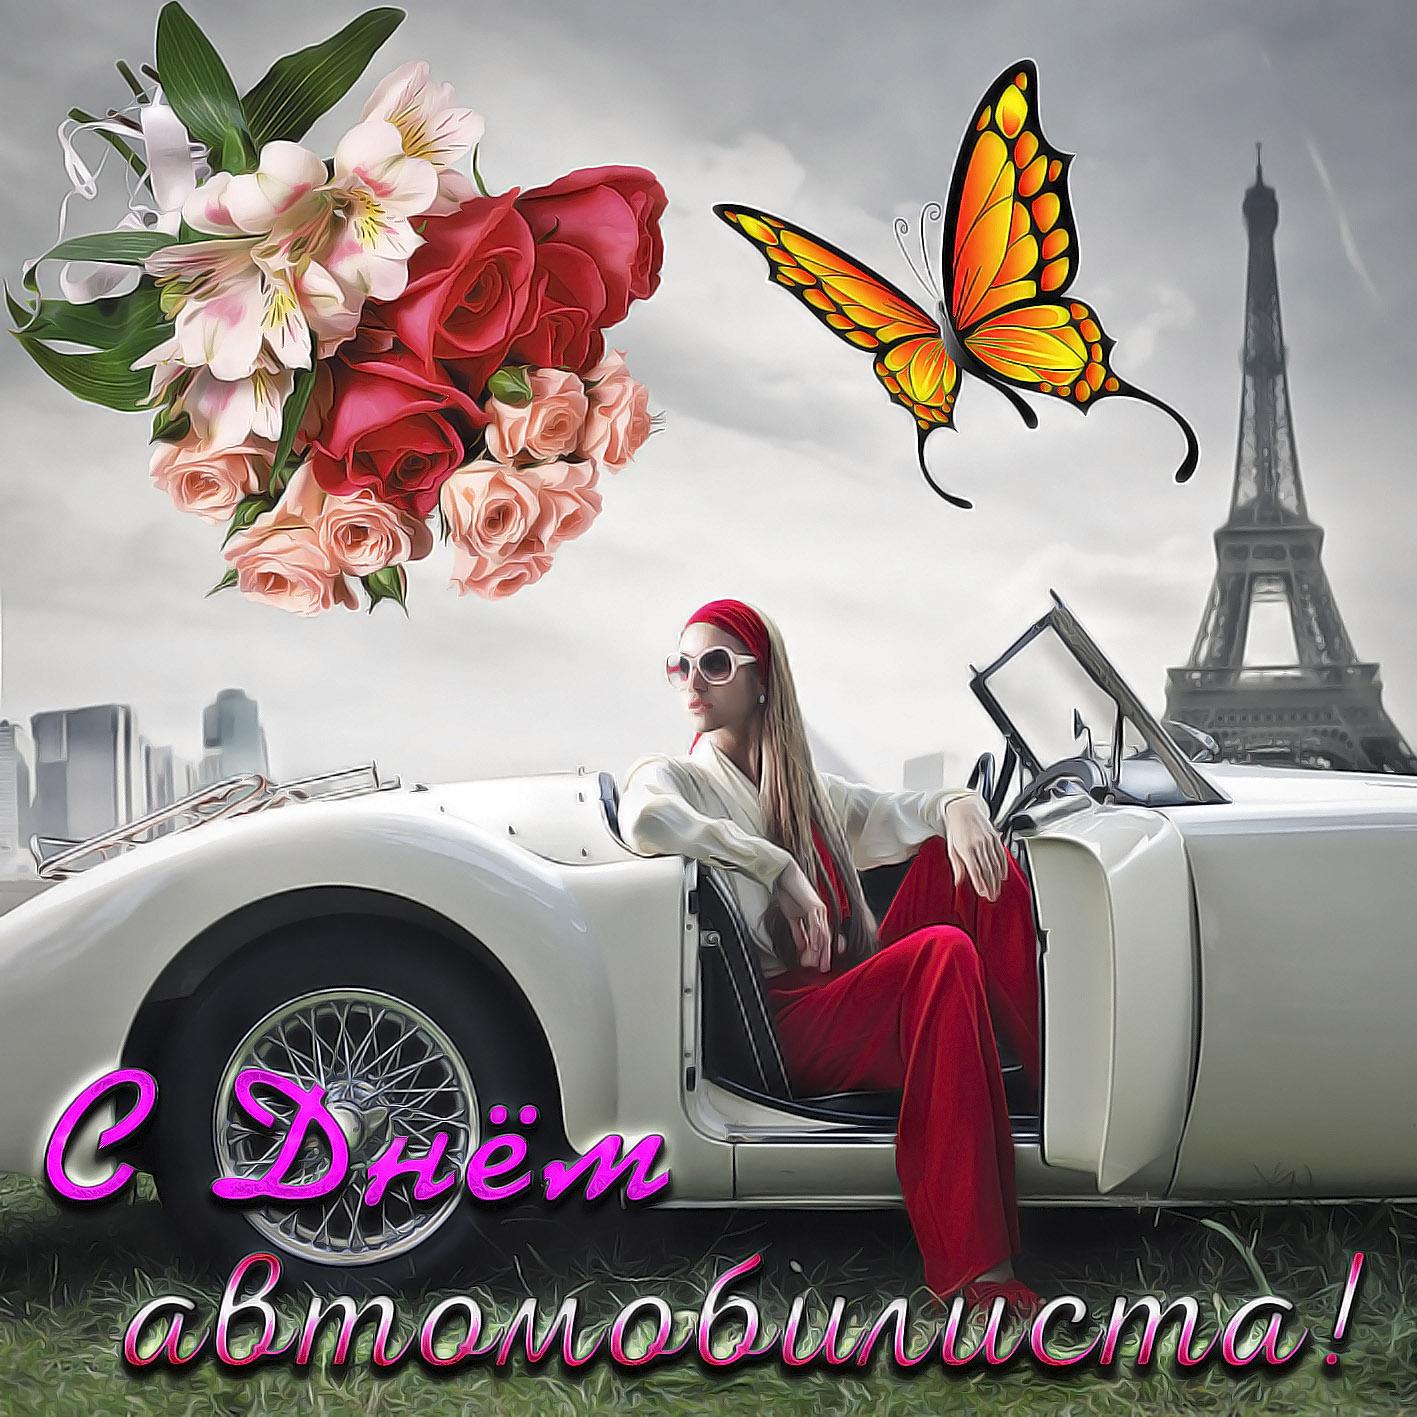 Открытка на День автомобилиста - женщина в машине у Эйфелевой башни